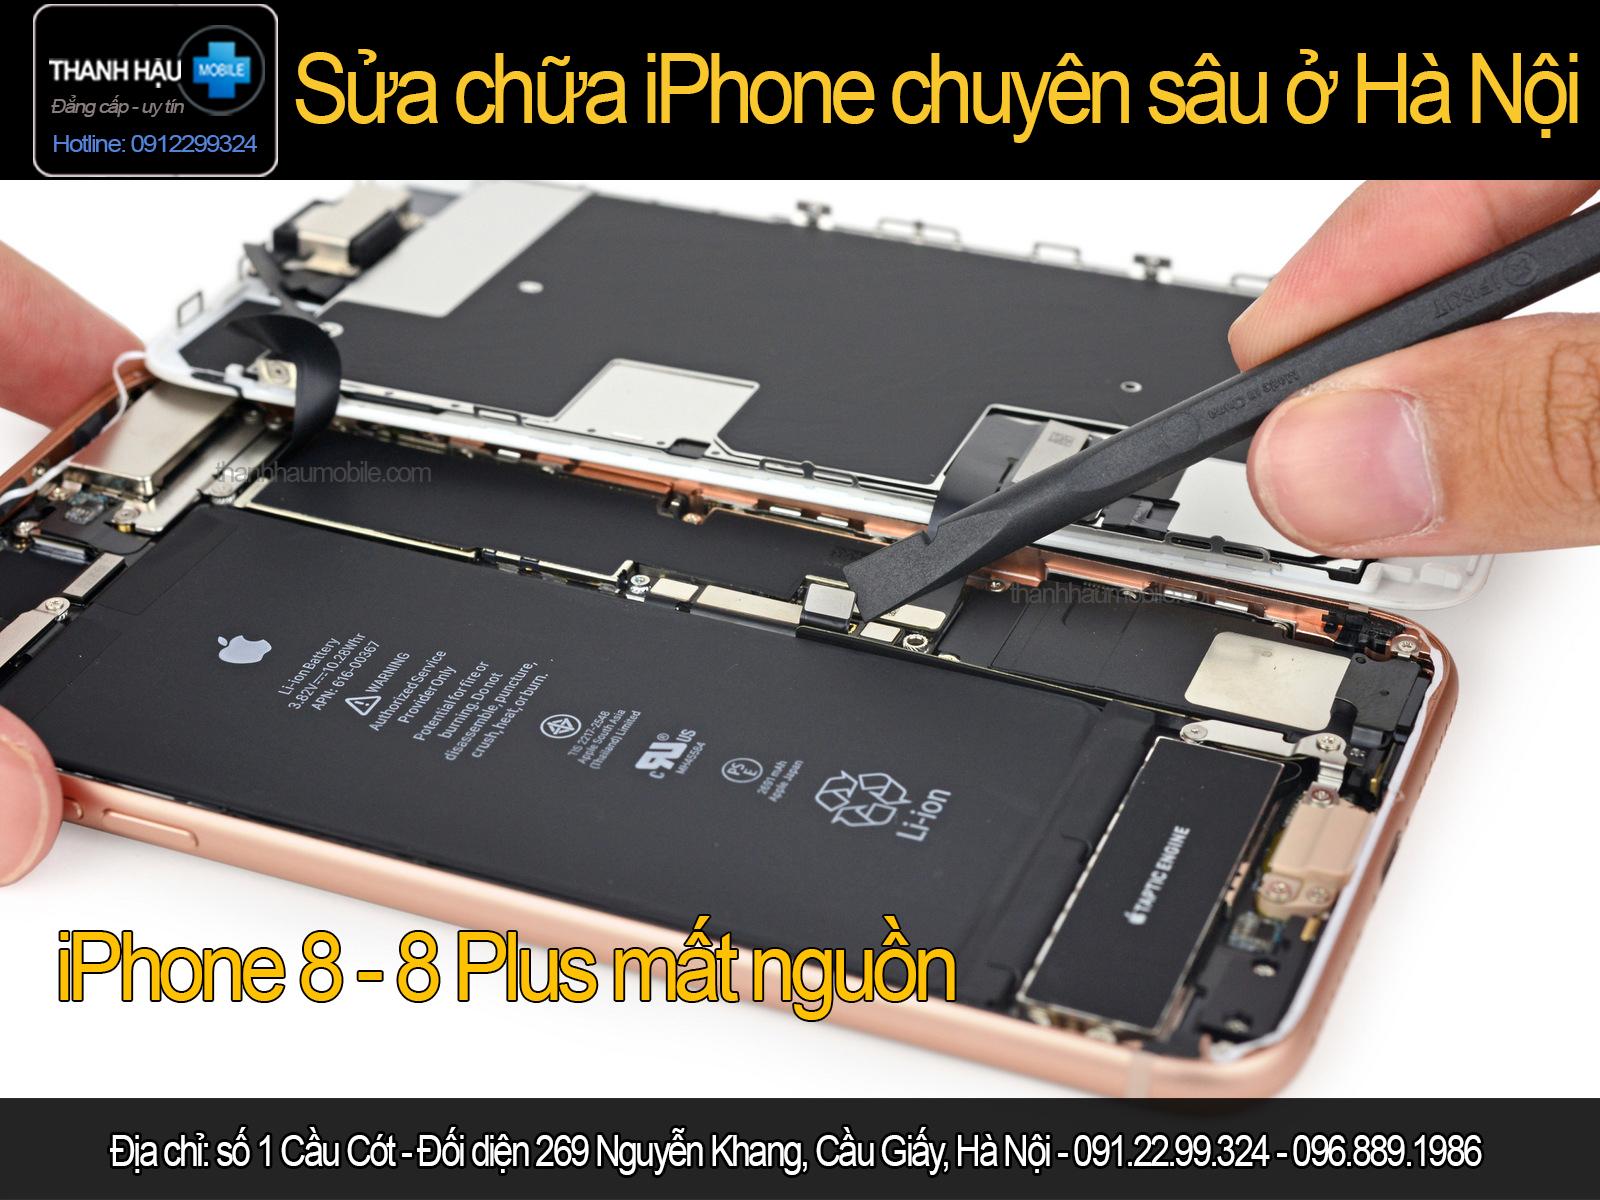 Sửa iphone 8 - 8 plus bật không lên nguồn, treo táo,treo cáp,mất nguồn